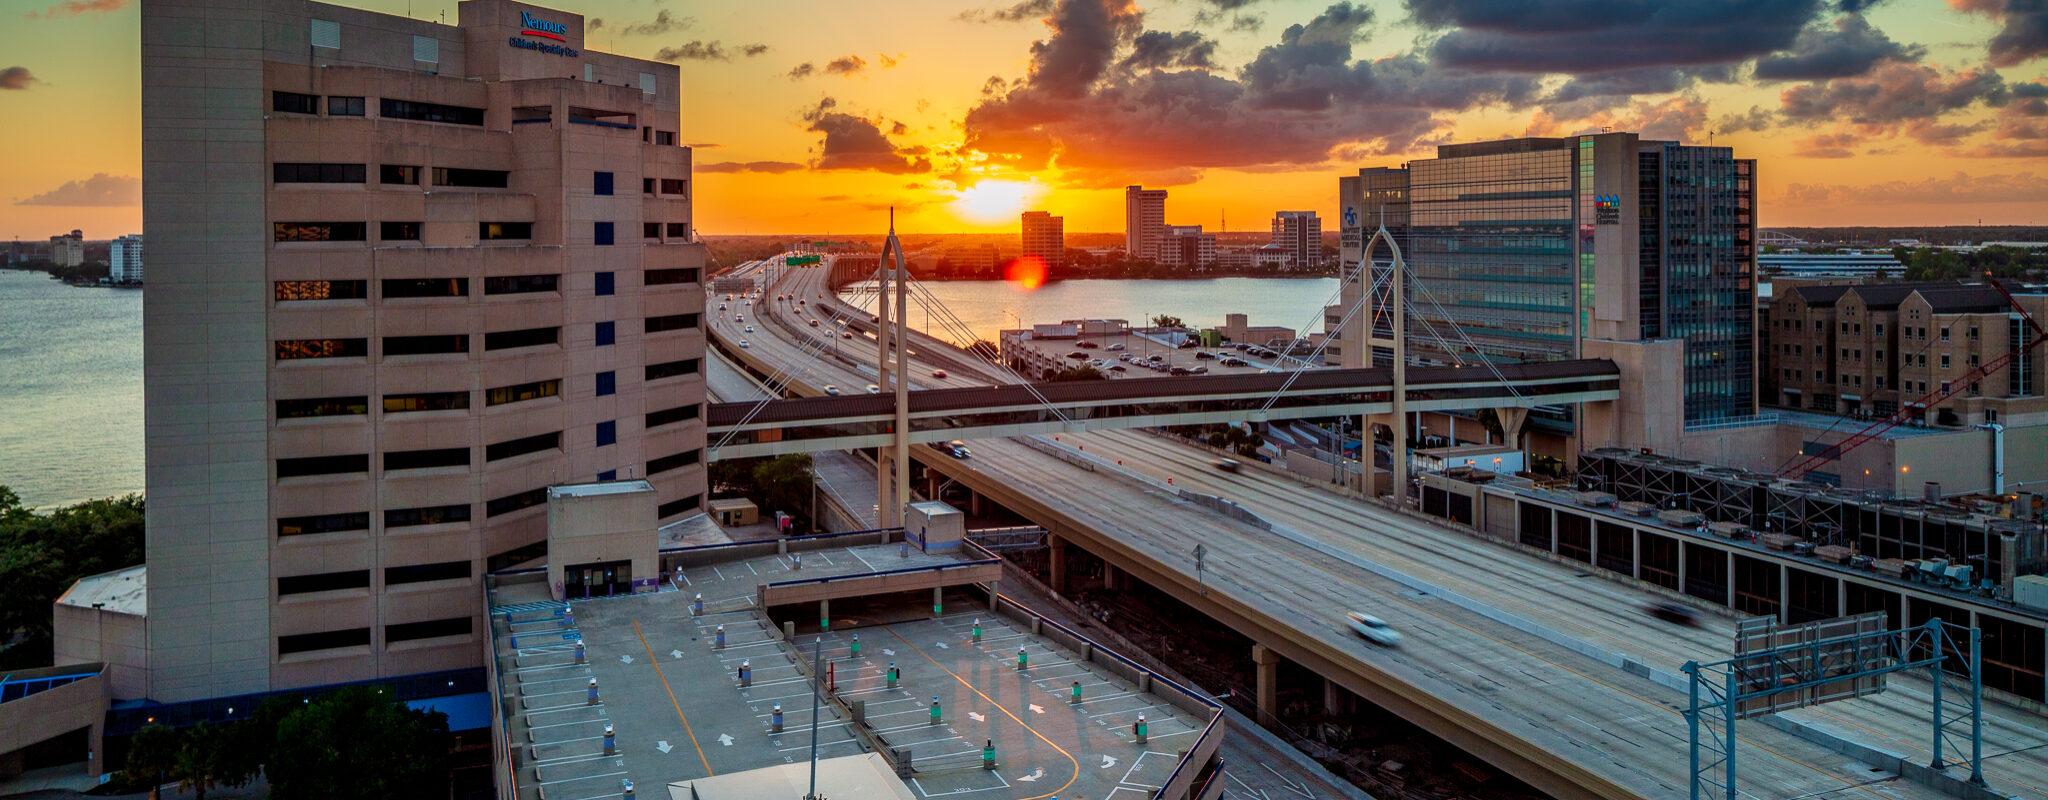 The bridge to a brighter future